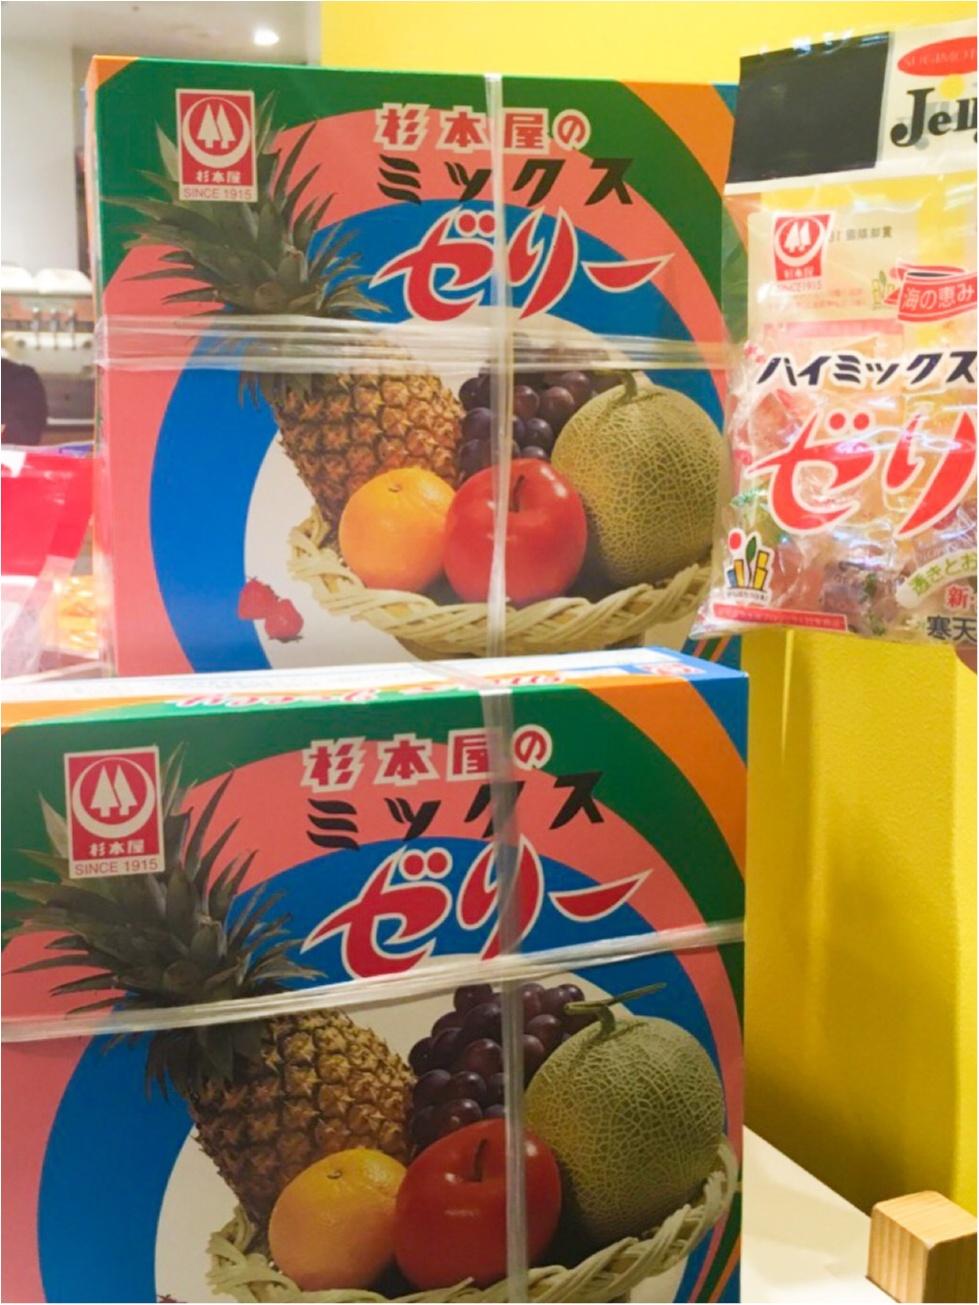 《ご当地/新宿》話題☆お菓子のワンダーランドが新宿に登場♡ あの有名お菓子がBIGサイズに!!_5